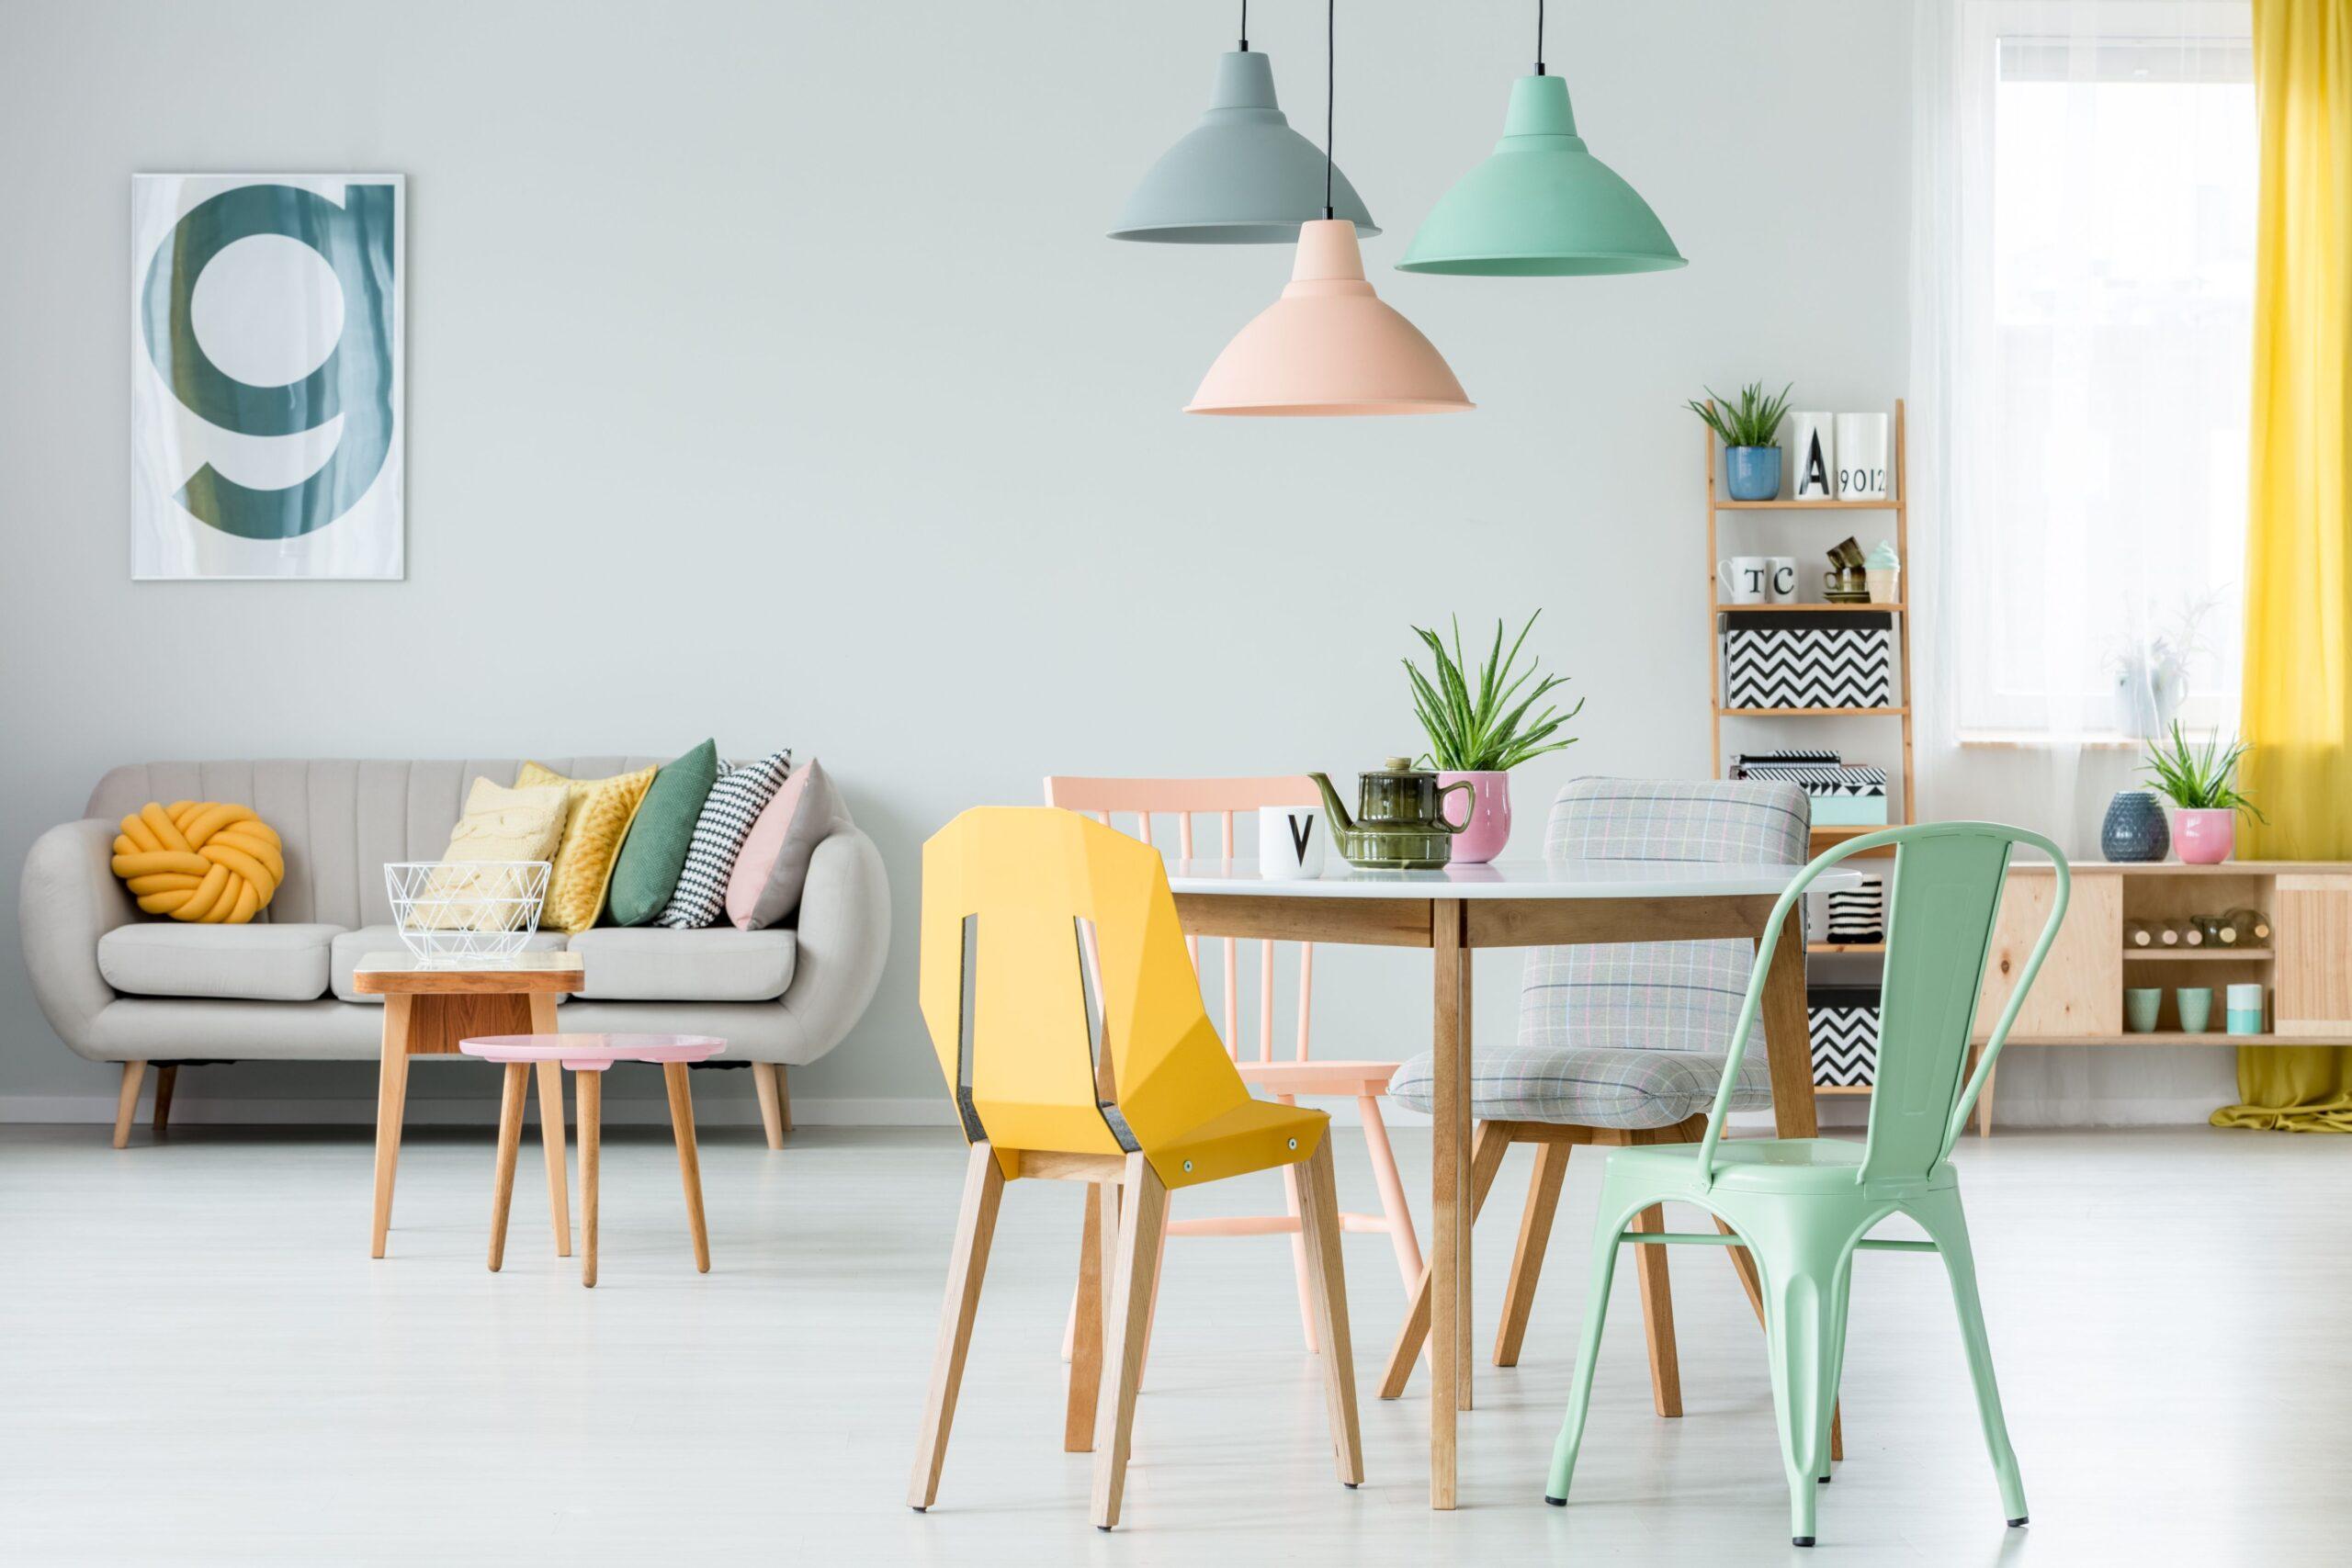 Ghid pentru alegerea scaunelor din casa ta